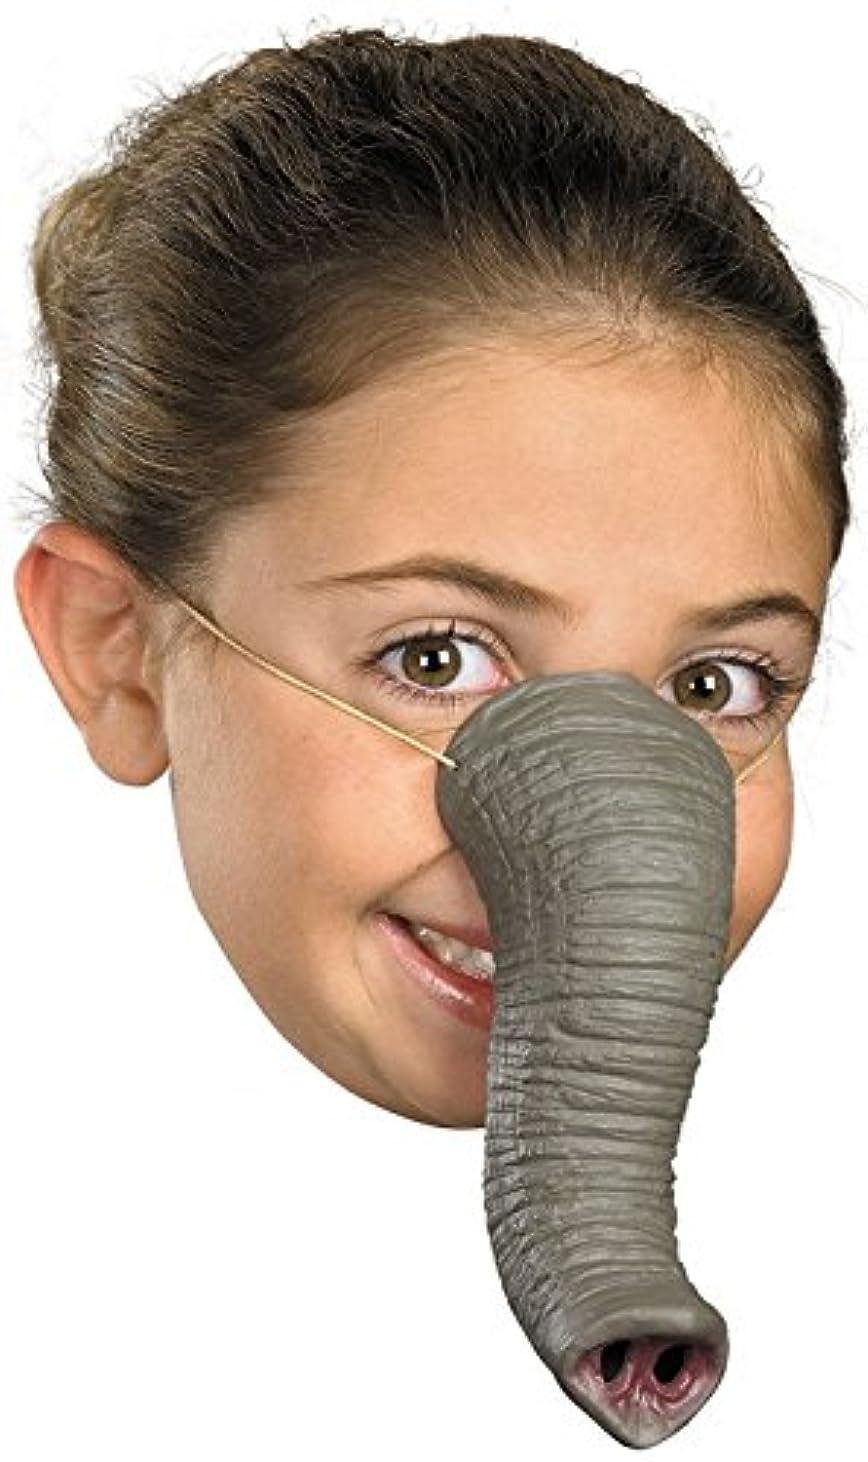 論争がっかりしたインシュレータディスガイズ DISGUISE 象の鼻(品番14715) DIS-14715